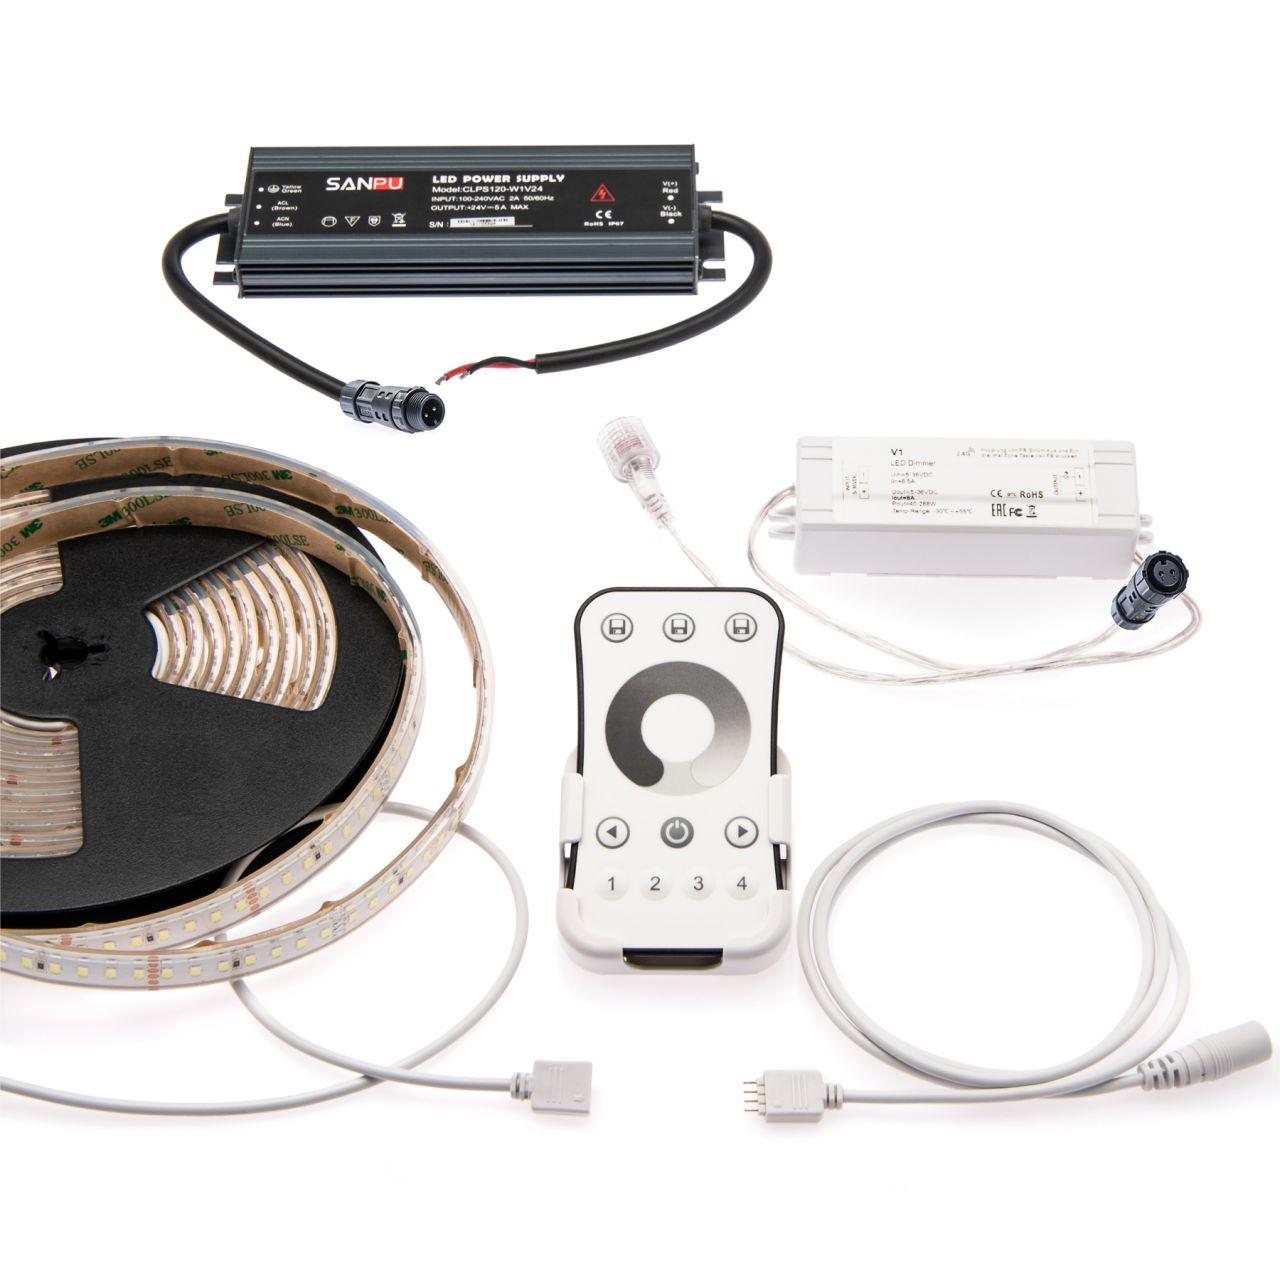 wasserfestes 24V LED Streifen Set mit Fernbedienung und Netzteil, 500cm Länge, Lichtfarbe weiß, IP65